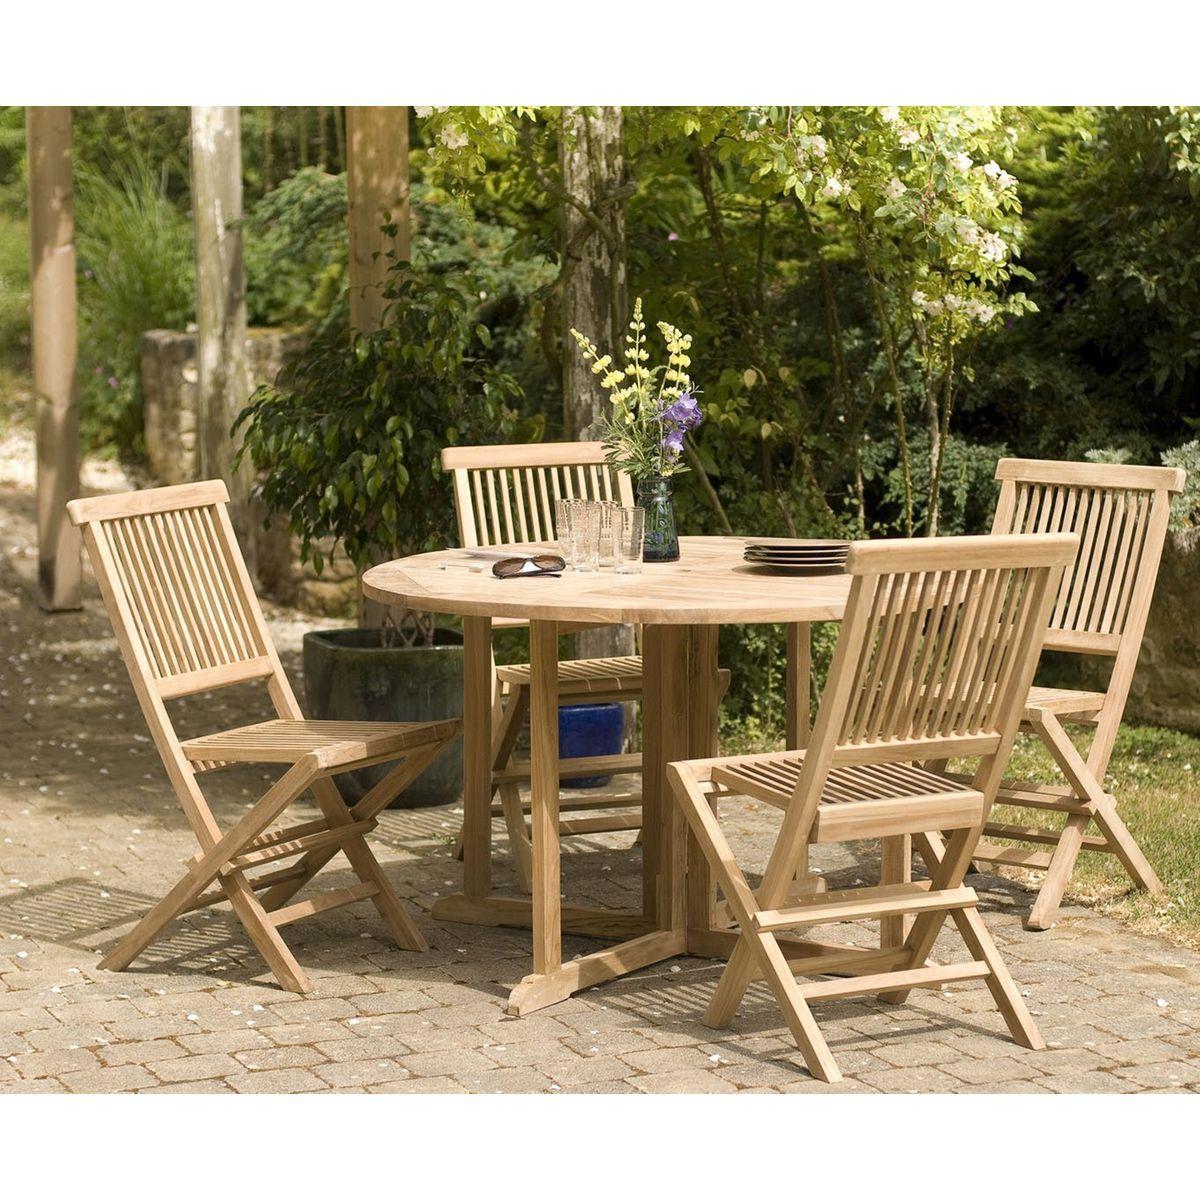 Table De Jardin En Teck Ronde Pliante Papillon 120cm Summer Table De Jardin Ronde Chaise Salon De Jardin Et Agrement De Jardin